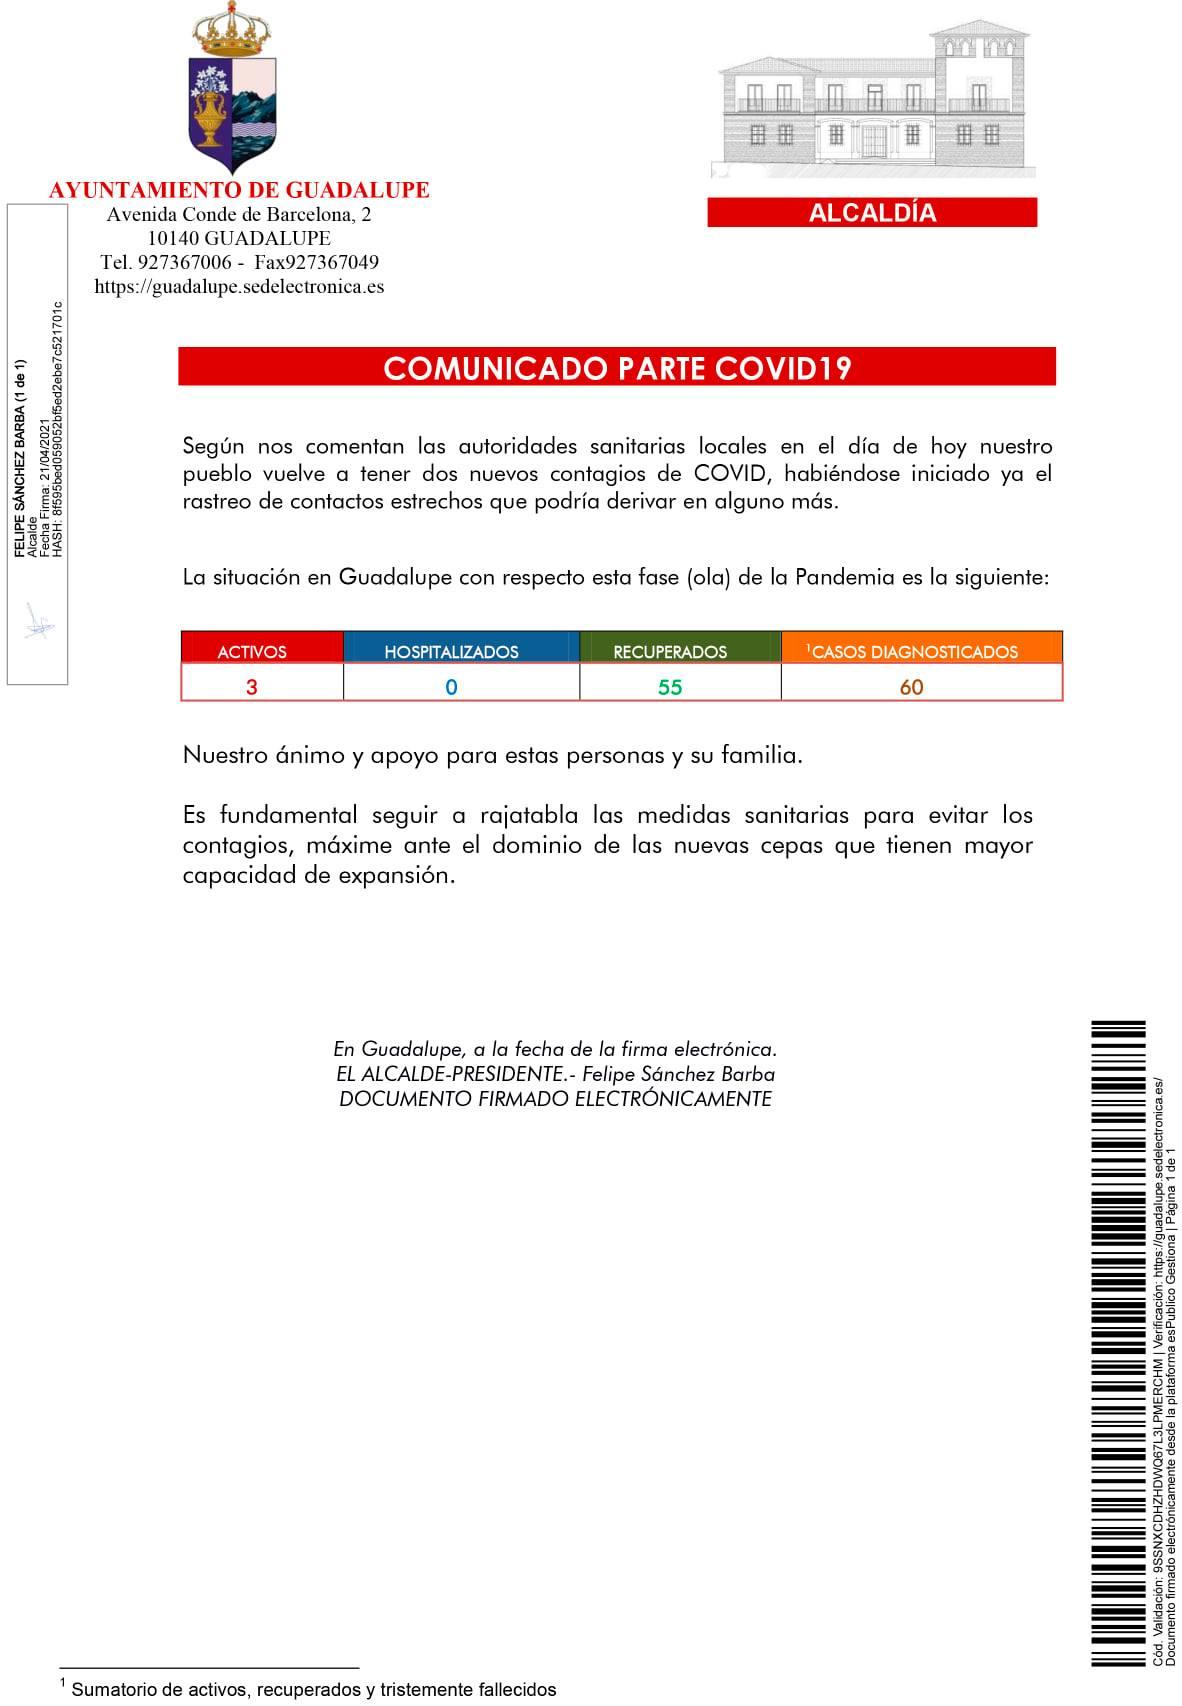 2 nuevos casos positivos de COVID-19 (abril 2021) - Guadalupe (Cáceres)